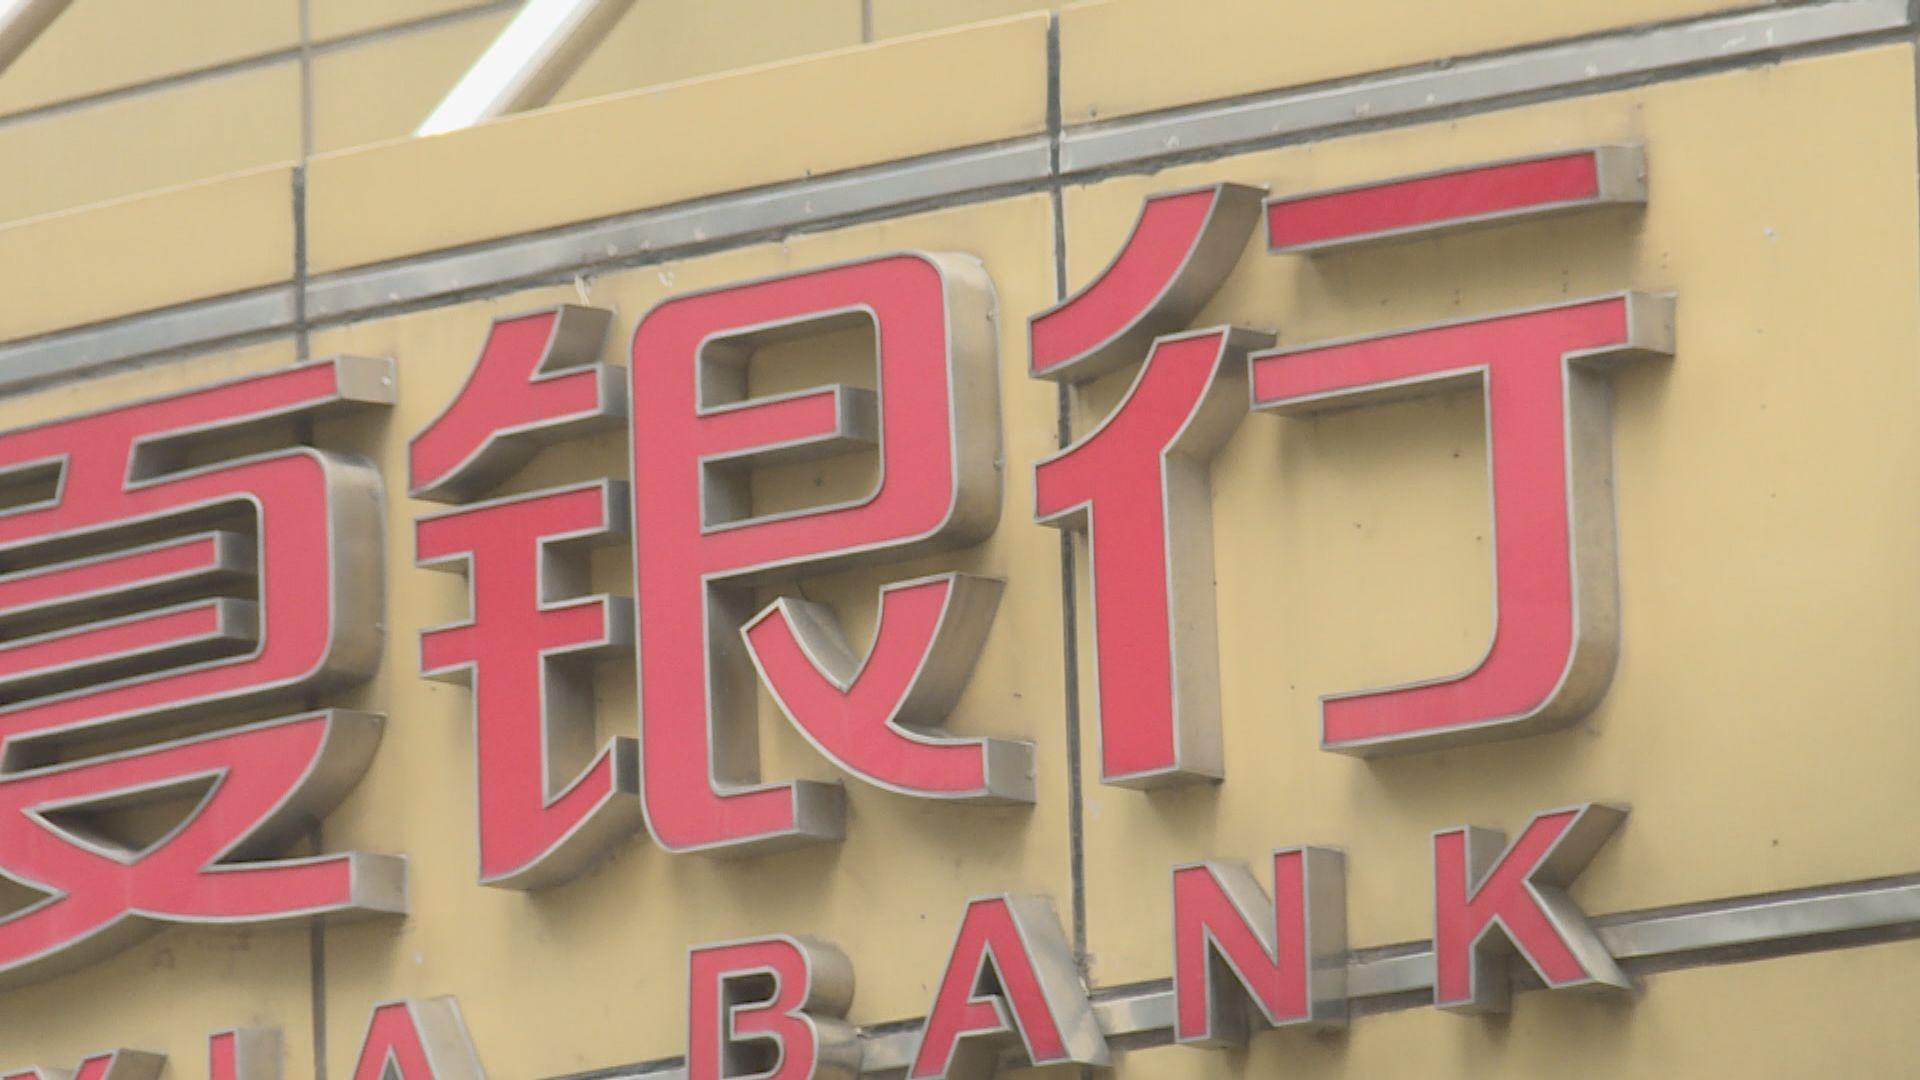 【深化改革】報道指內地醞釀中小型銀行合併重組